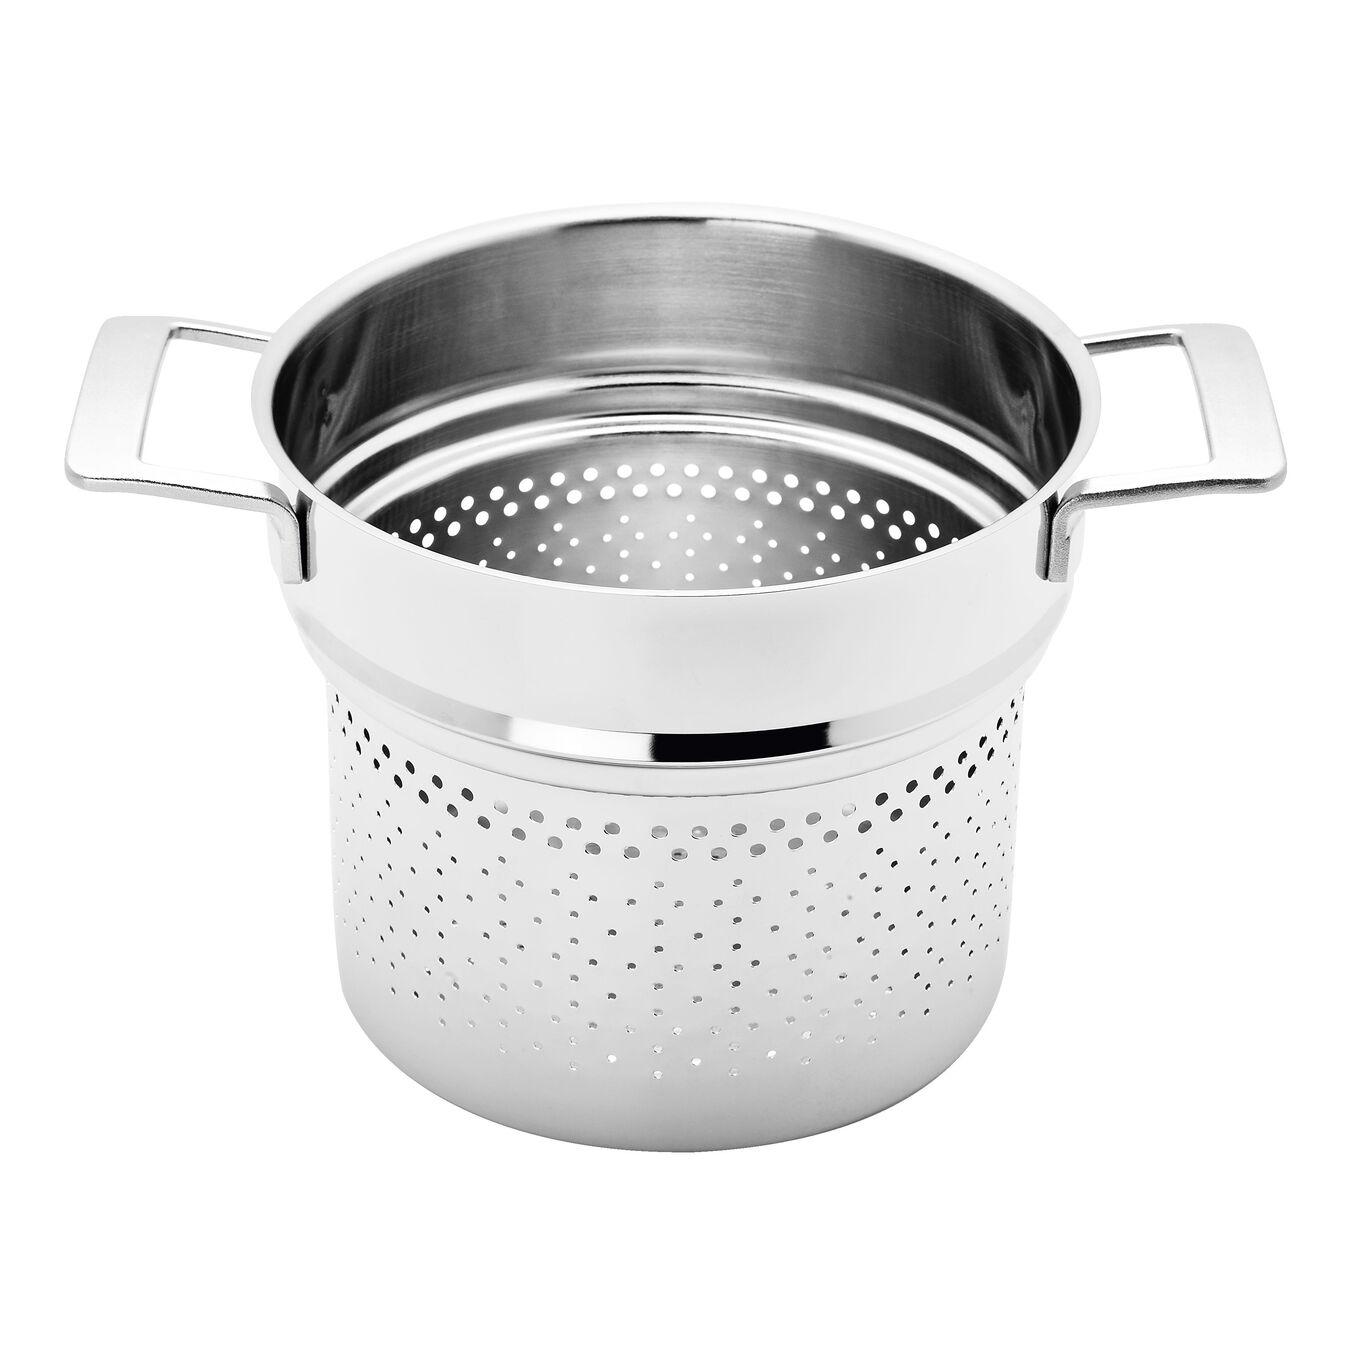 Nudeleinsatz, rund | 24 cm | Silber,,large 1